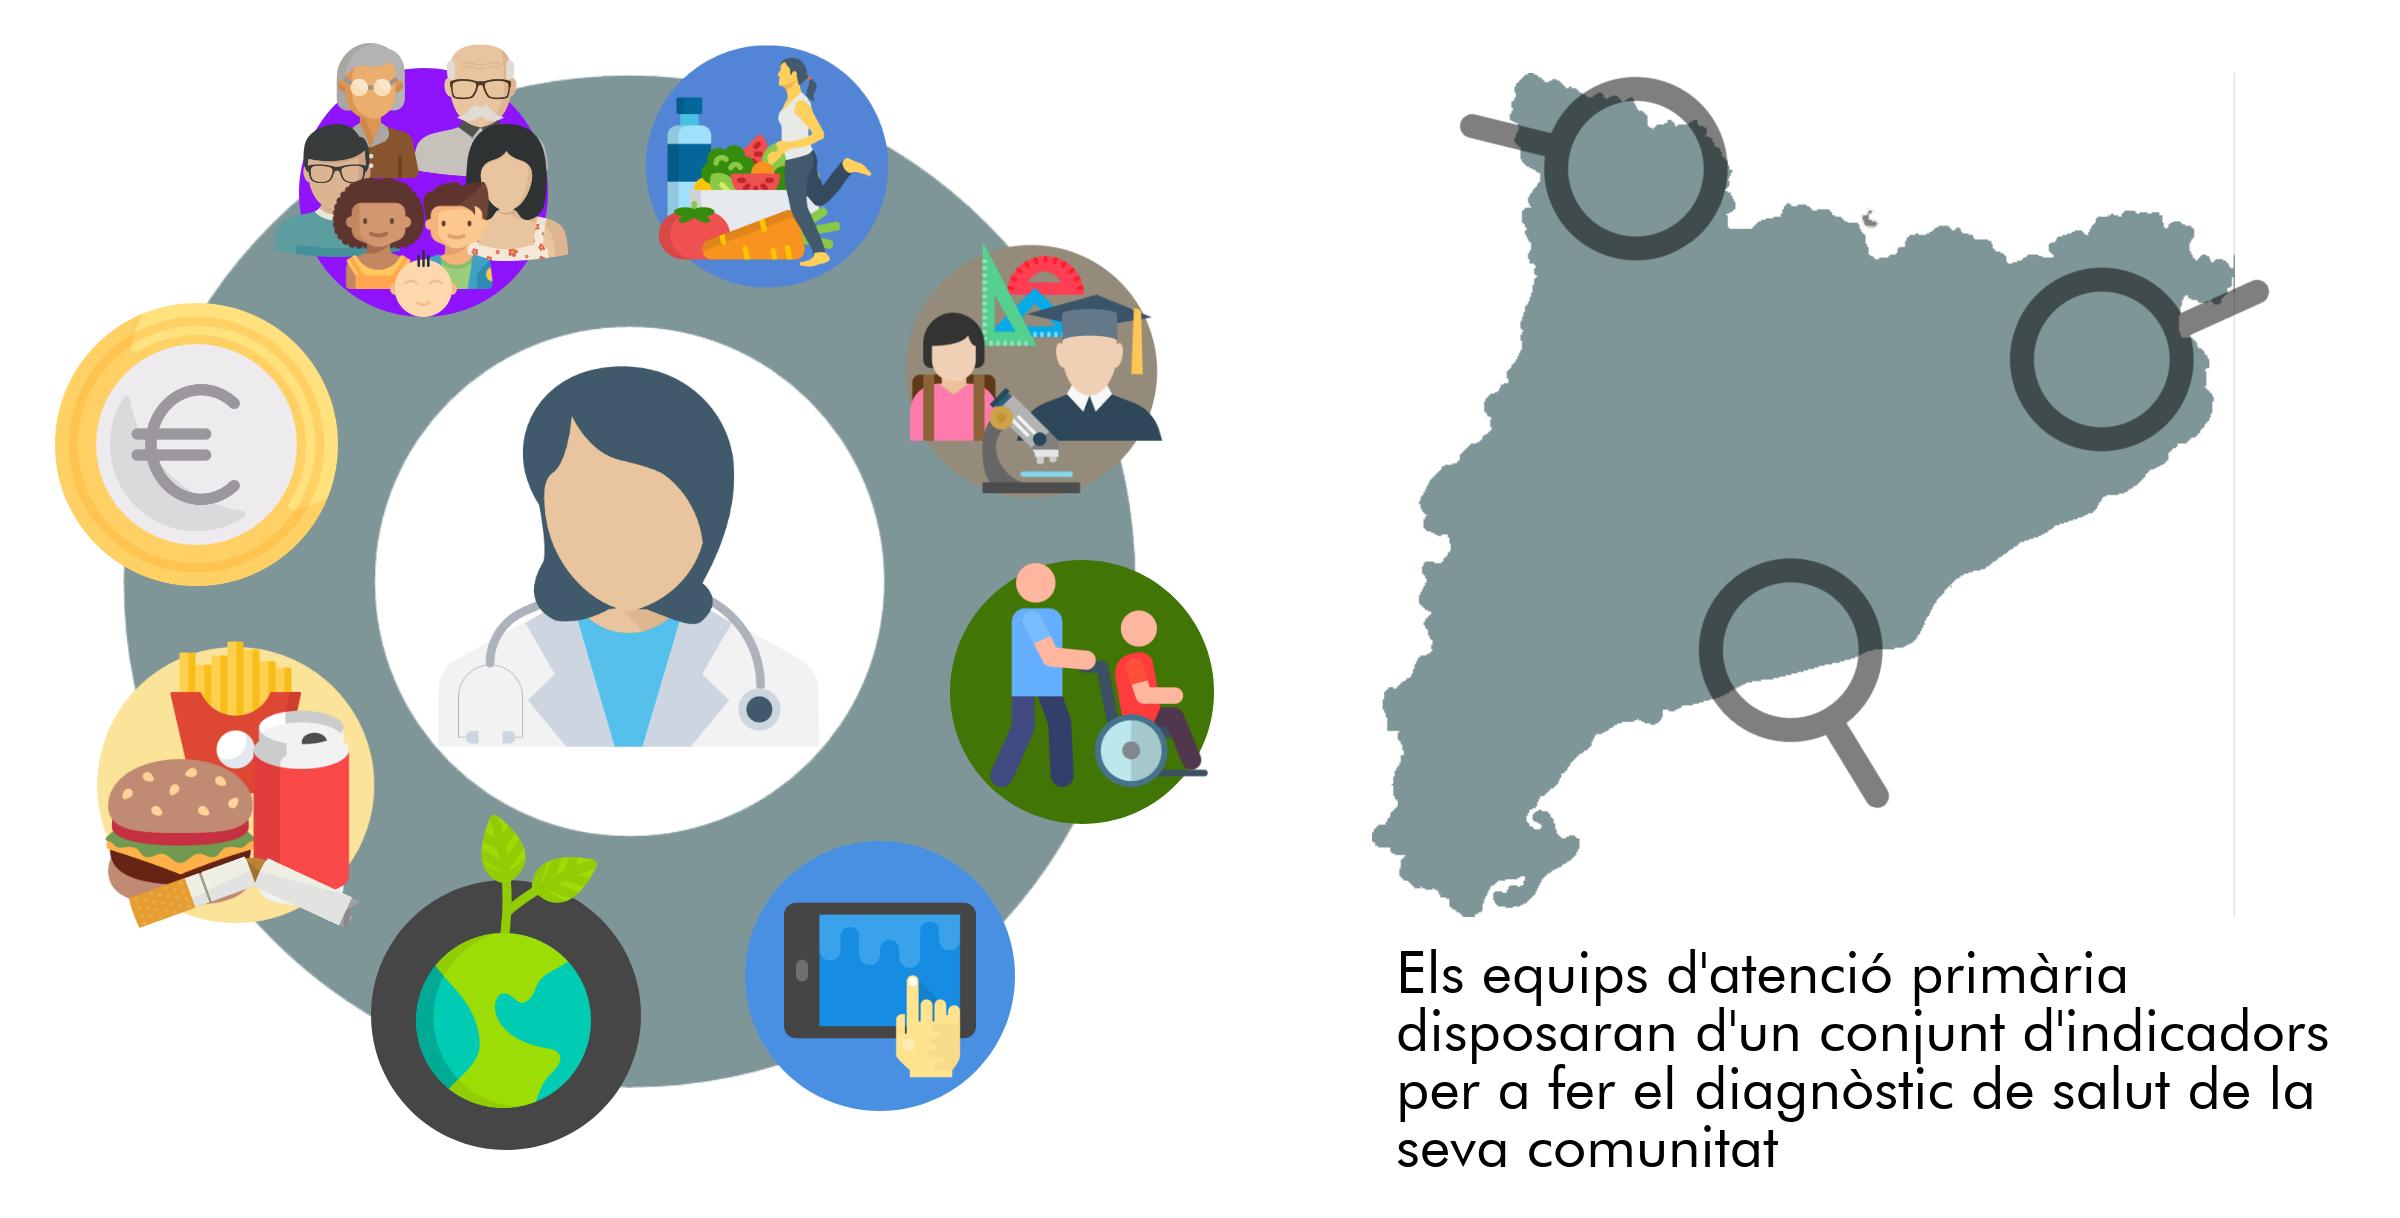 Els professionals de la salut disposen ja d'un conjunt d'indicadors per determinar l'estat de salut de la seva comunitat